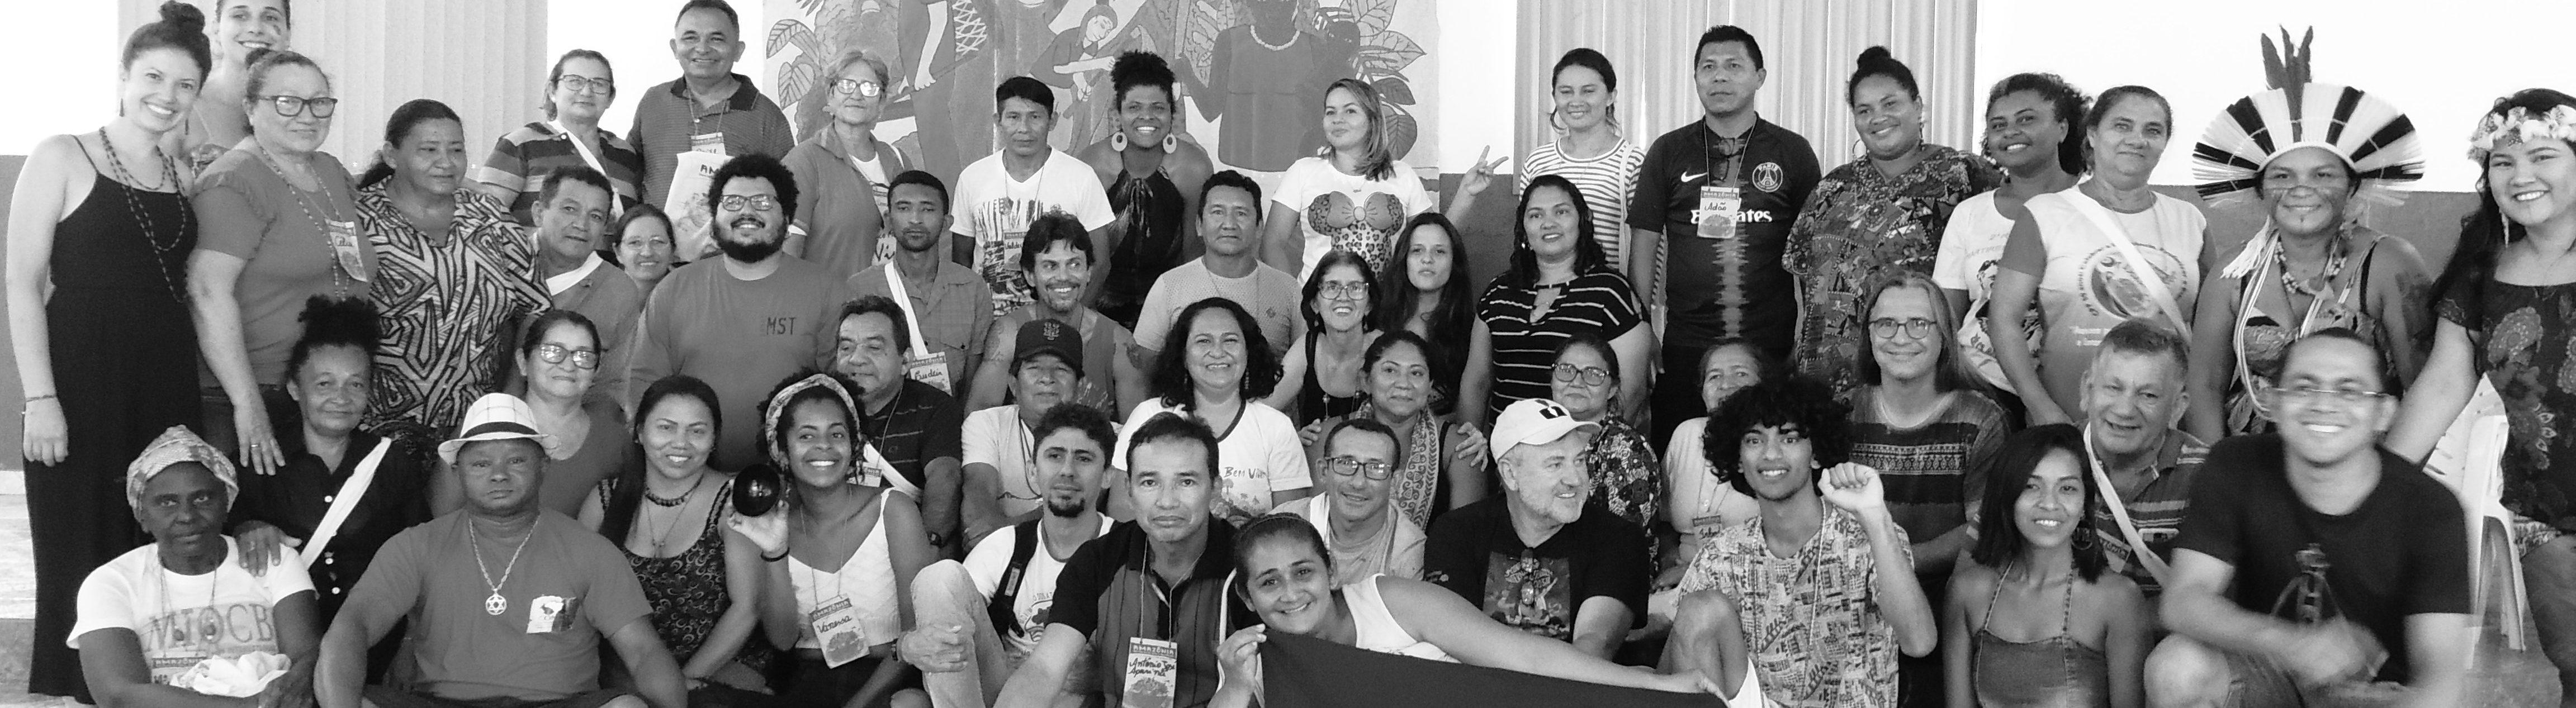 Povos da Amazônia articulam estratégias de resistência